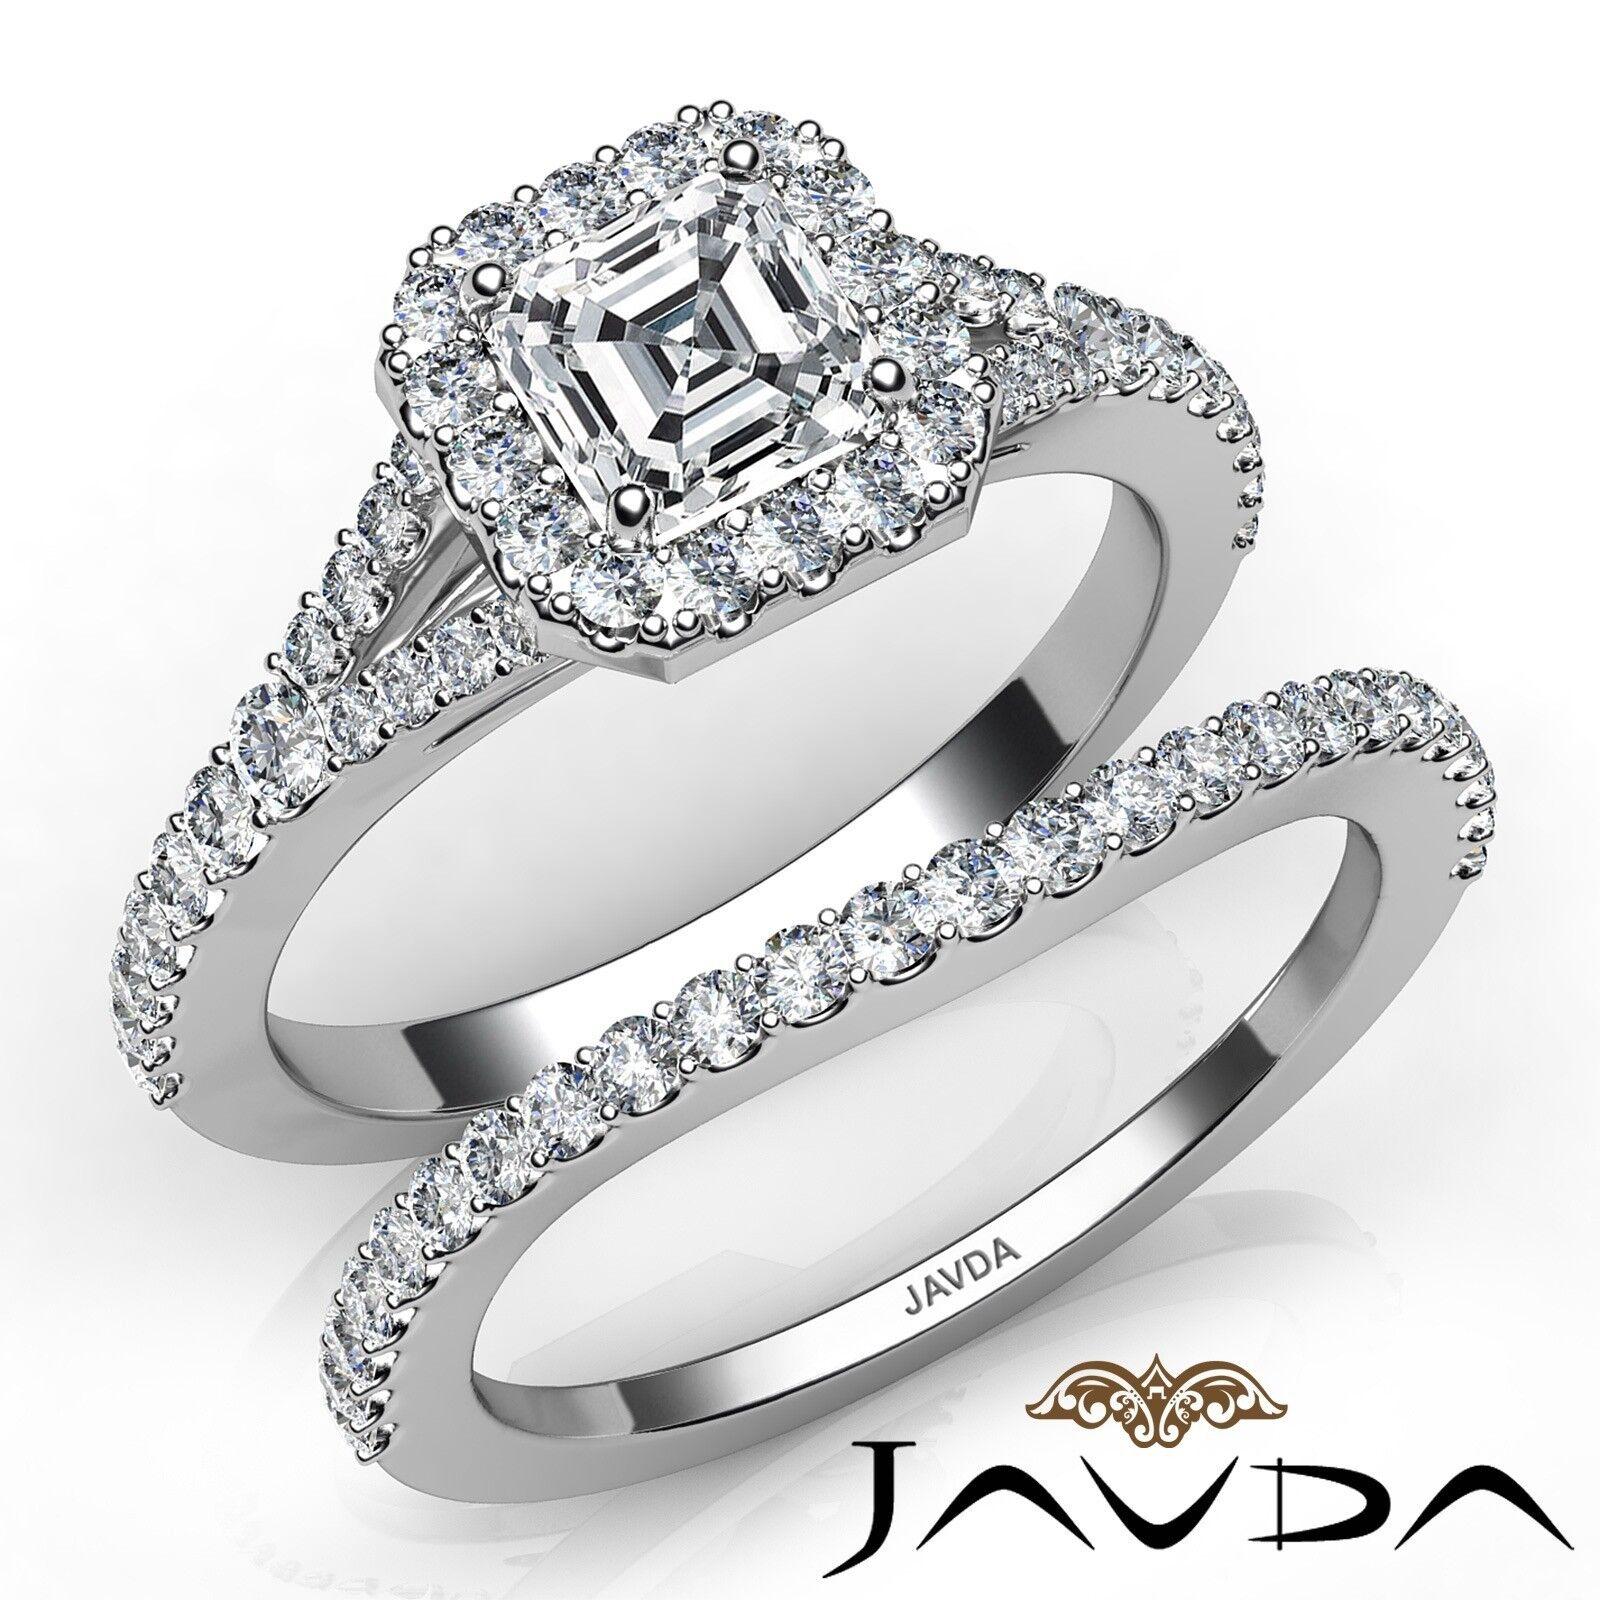 1.41ctw Split Shank Halo Pave Bridal Asscher Diamond Engagement Ring GIA D-VS1